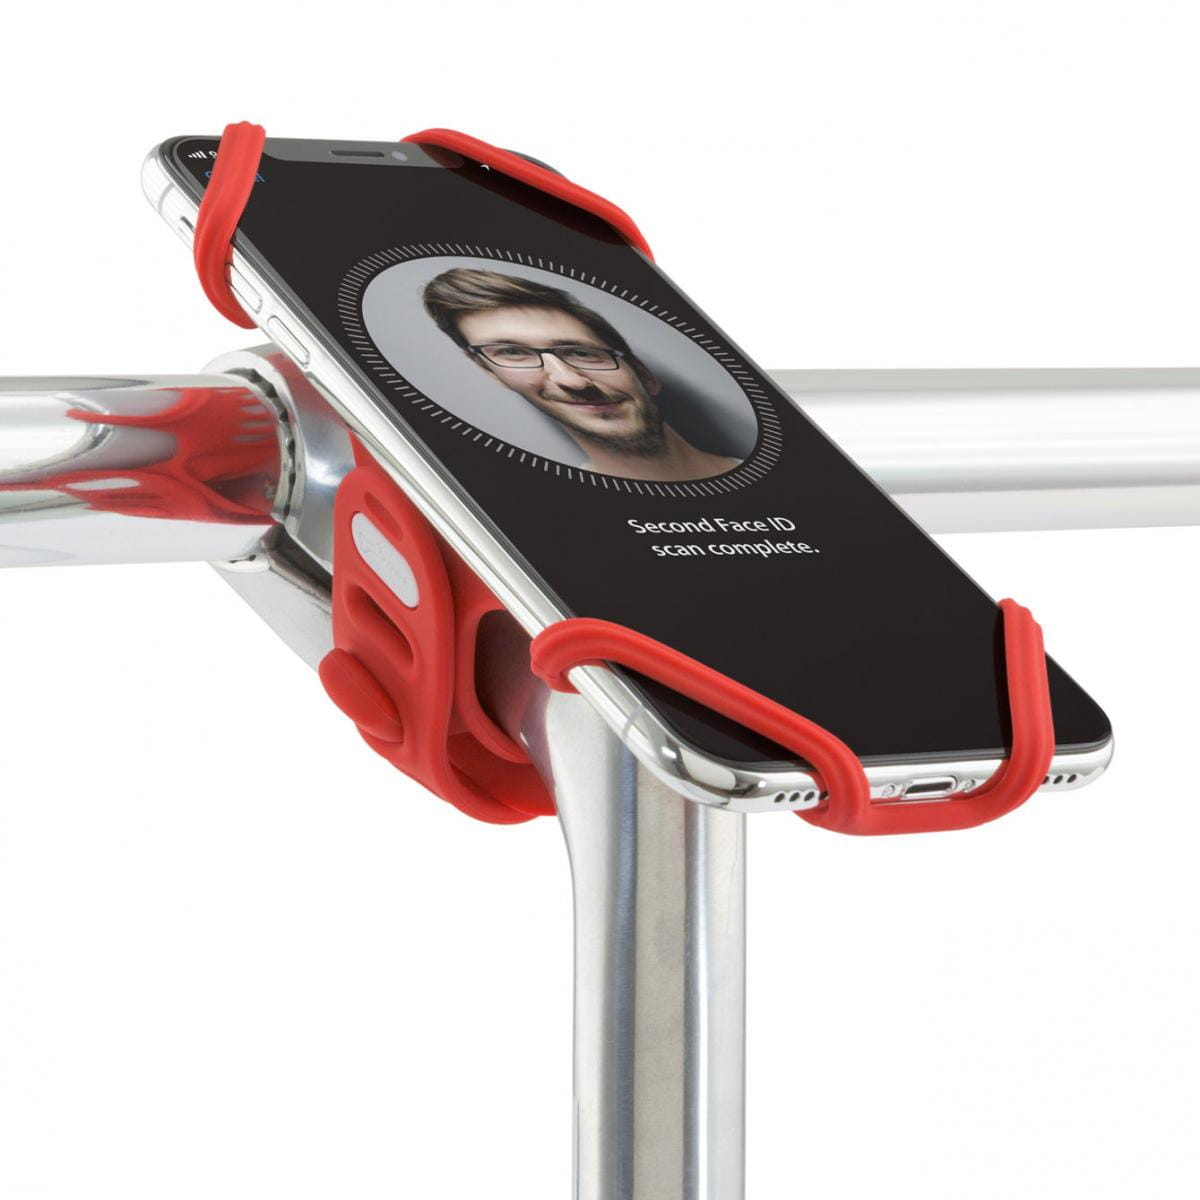 可適用於多種廠牌的智慧手機(尺寸 4 吋 ~ 6.5 吋間)簡易安裝與拆卸,也可安裝於不同直徑手桿